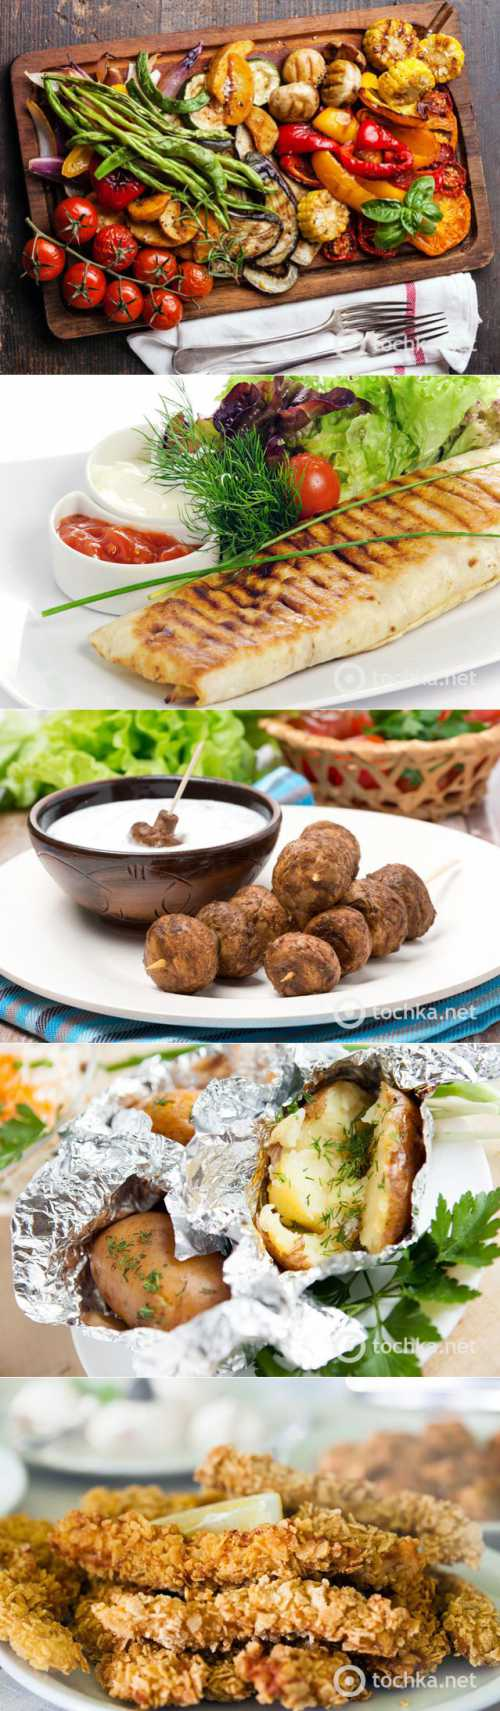 Что можно приготовить на костре: вегетарианское меню фото